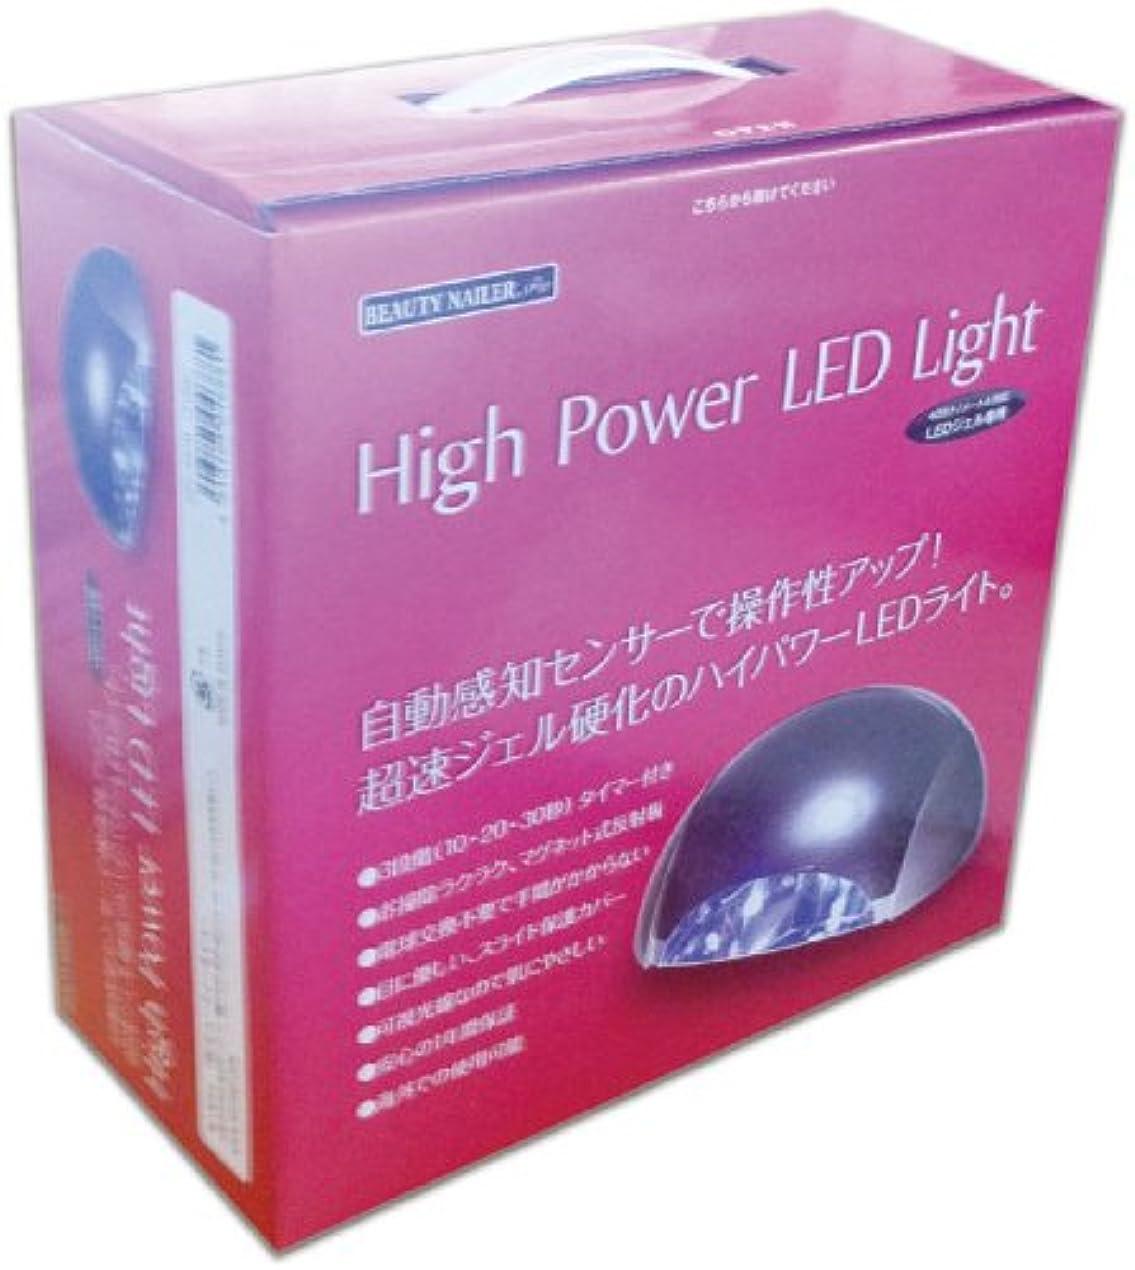 大理石ユーモア豊富なビューティーネイラー ハイパワーLEDライト HPL-40GB パールブラック